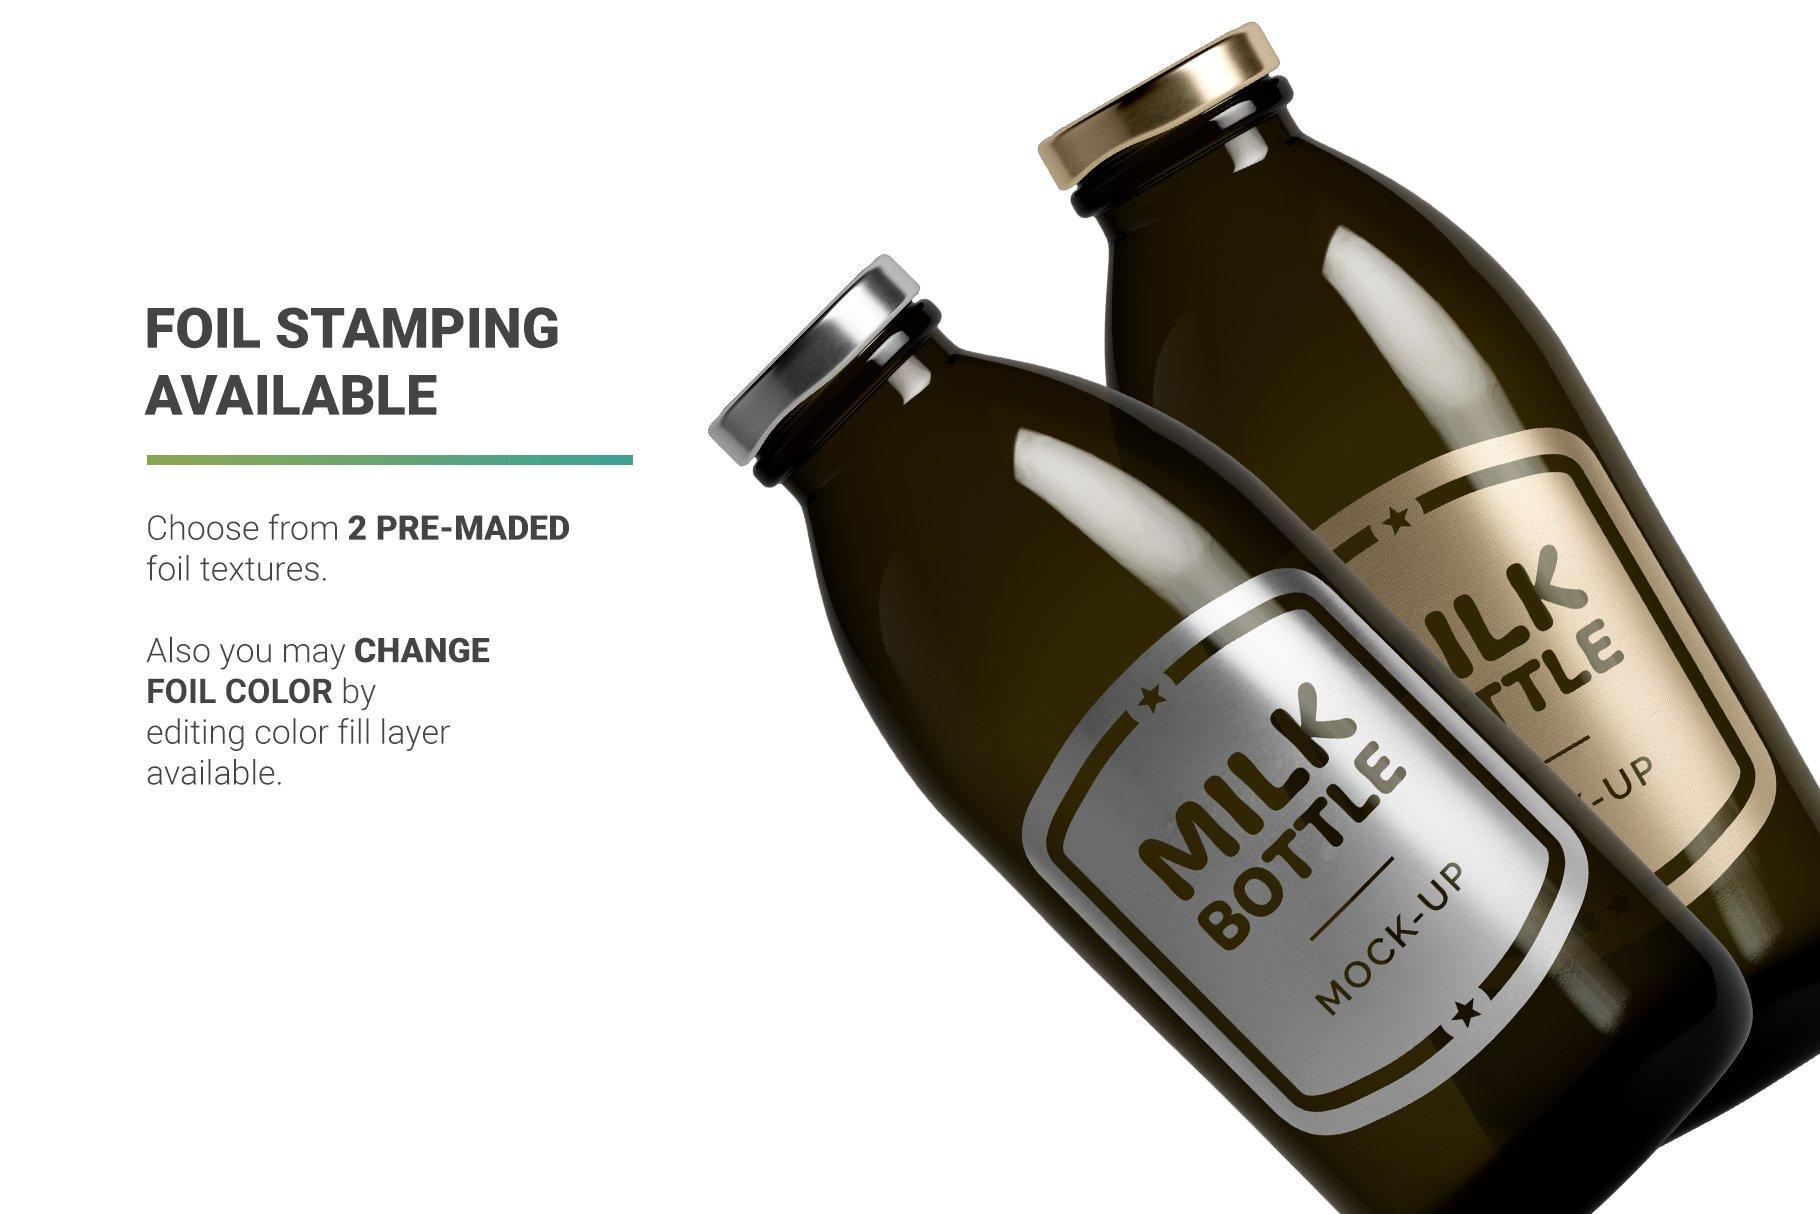 高分辨率鲜奶玻璃瓶设计展示贴图样机 Milk Cocoa Bottle Mockup插图4